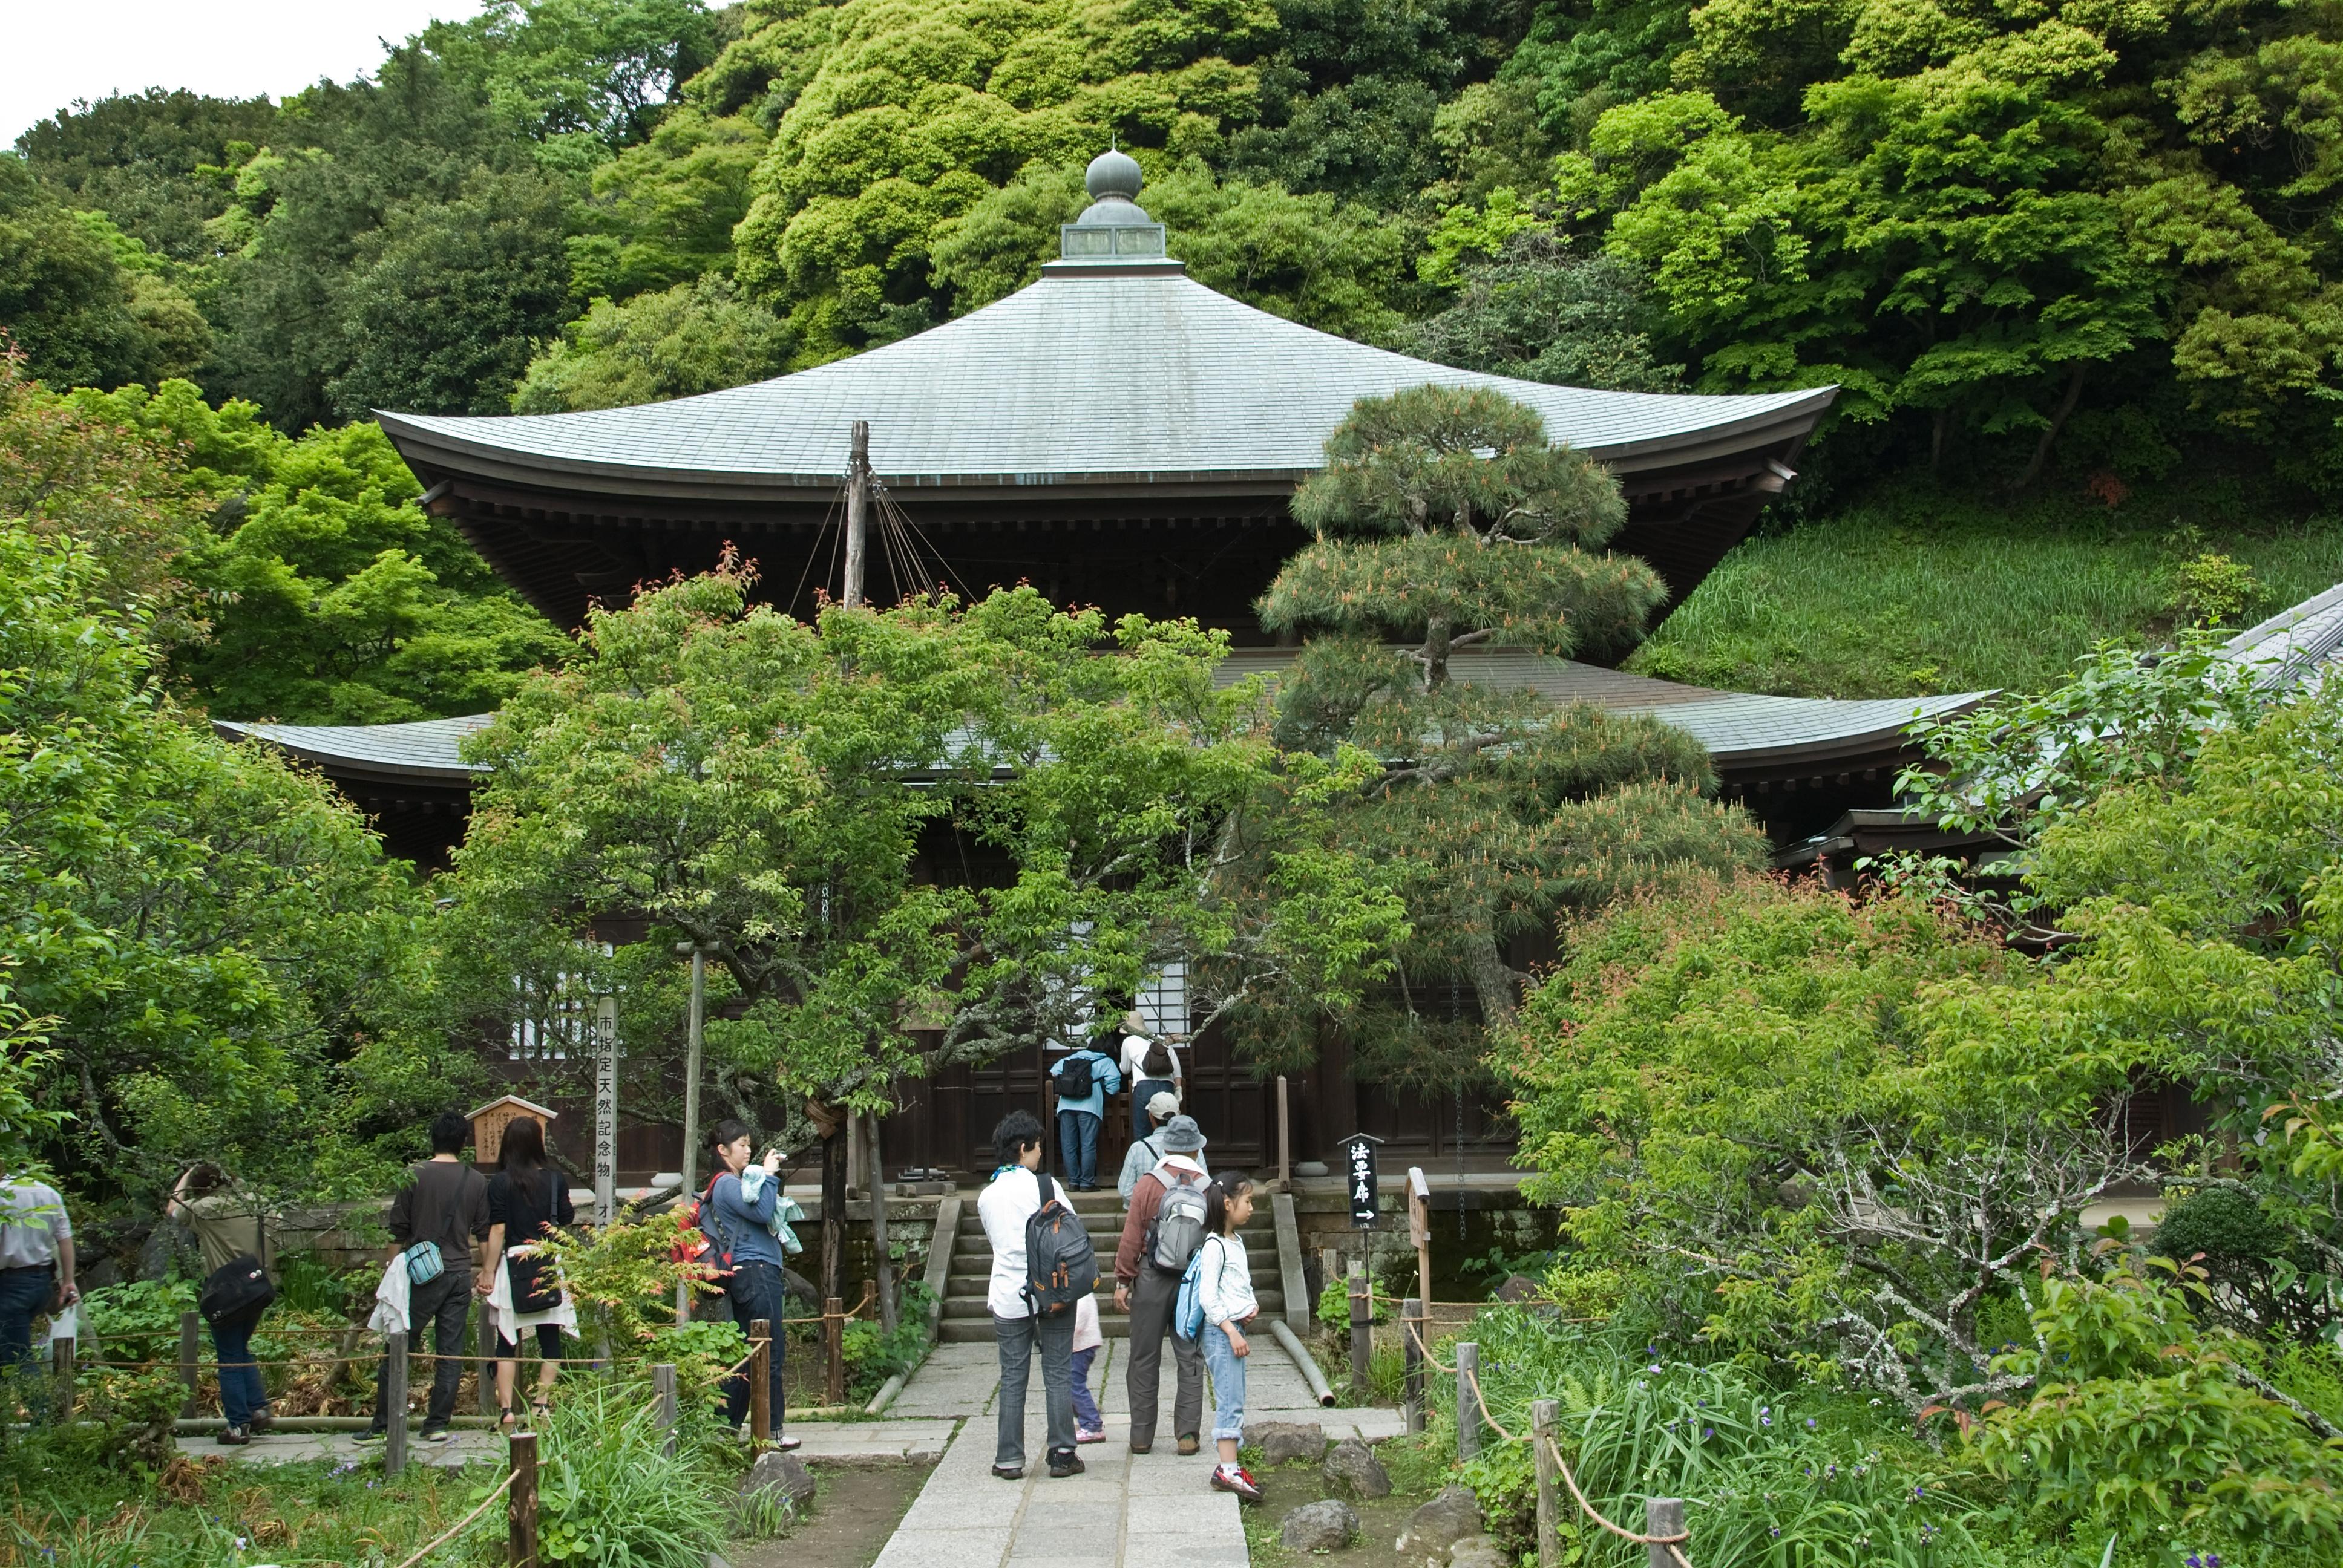 瑞泉寺 (鎌倉市)